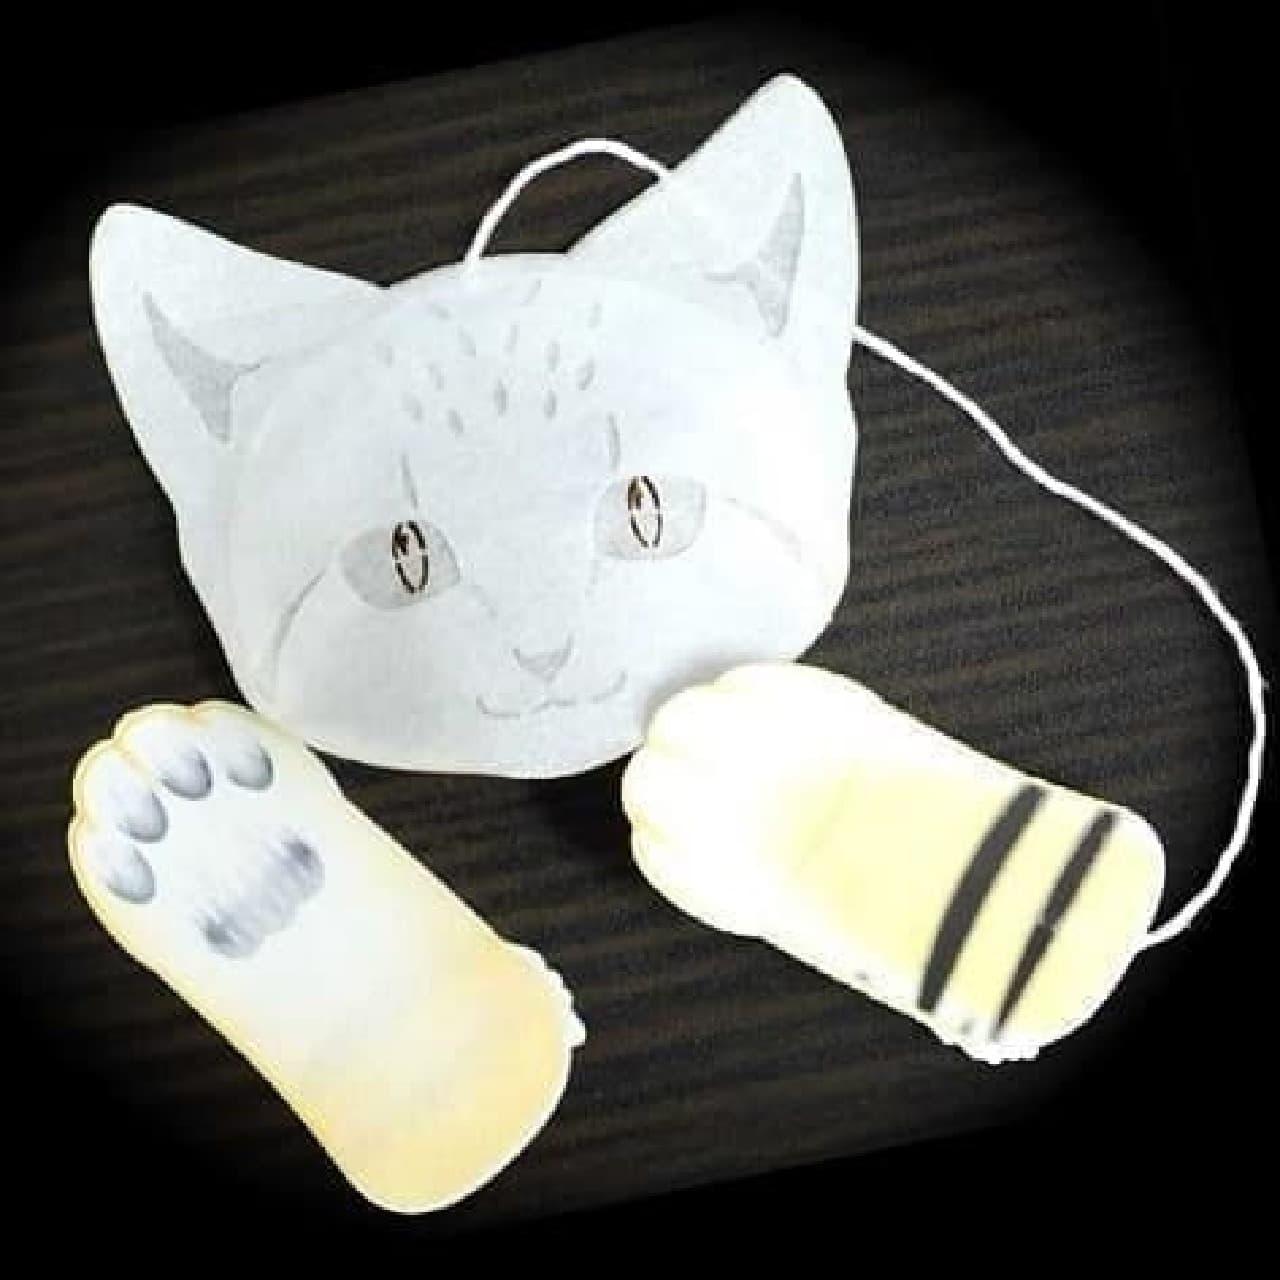 ヴィレヴァン限定の「猫ティーバッグ福袋」